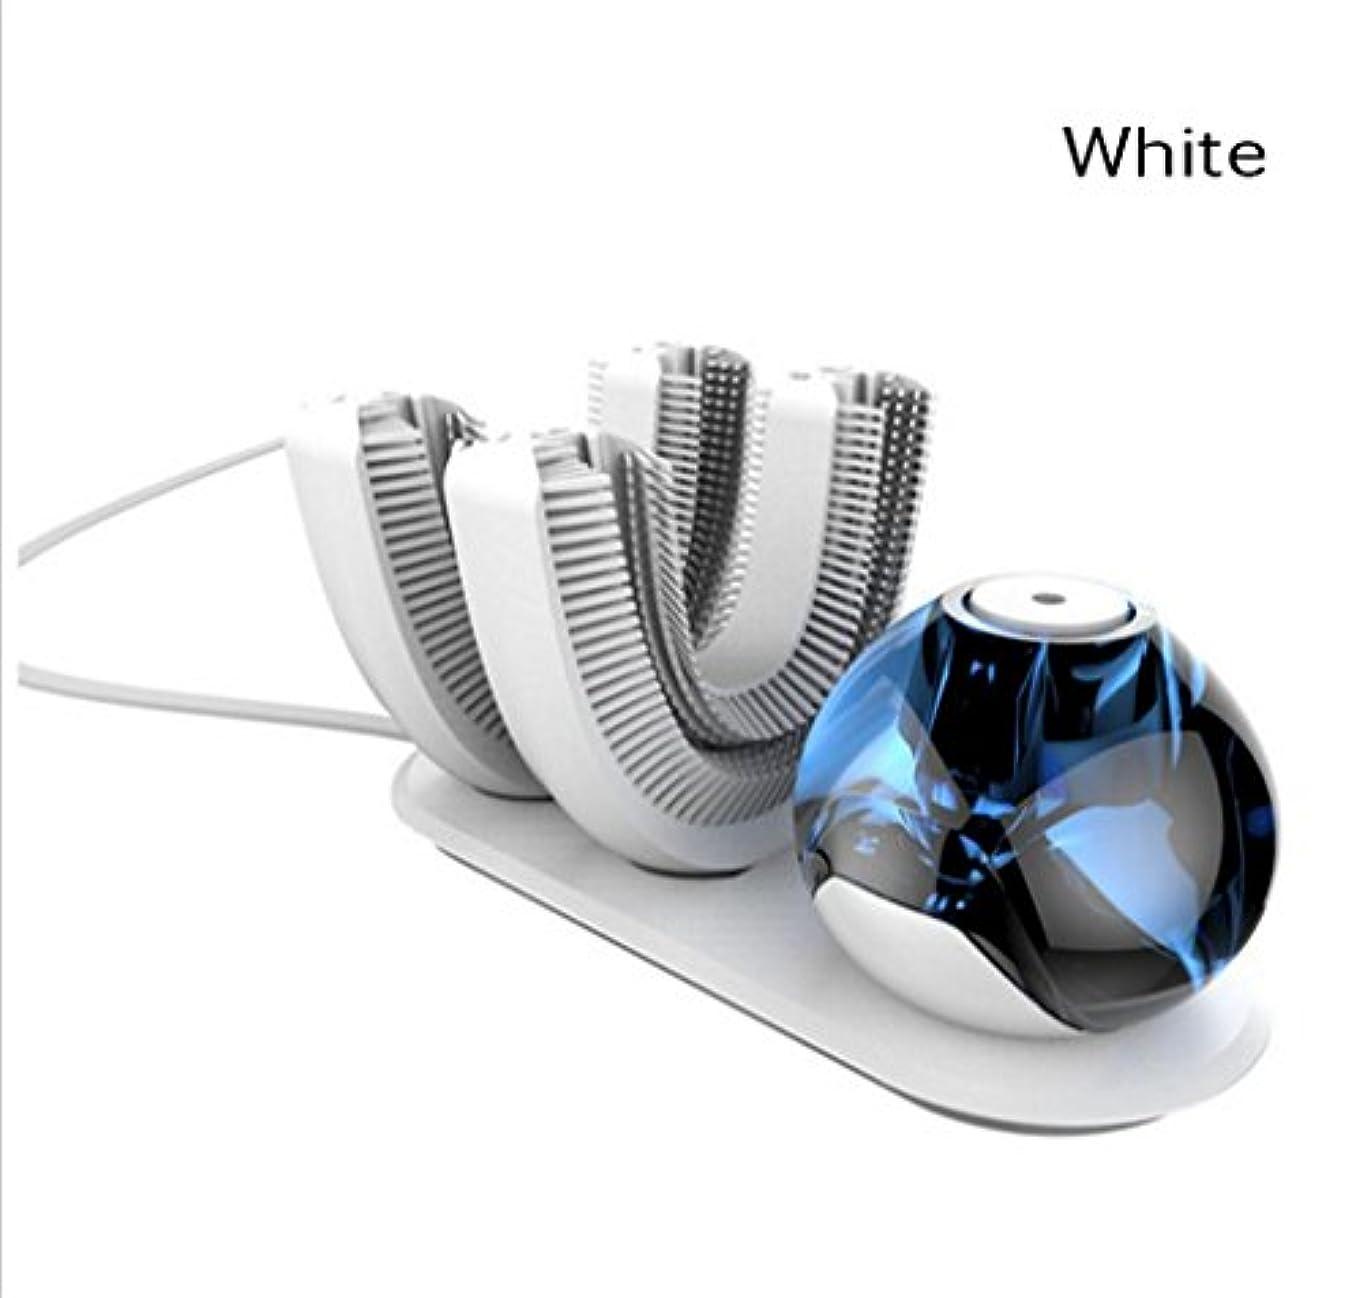 禁じる激しいフラフープNatood 歯ブラシのヘッドの2、怠惰なKibasuriによる自動歯ブラシは、 電気怠惰な電動歯ブラシ用ワイヤレス充電式360°自動歯ブラシを設計され、白 白